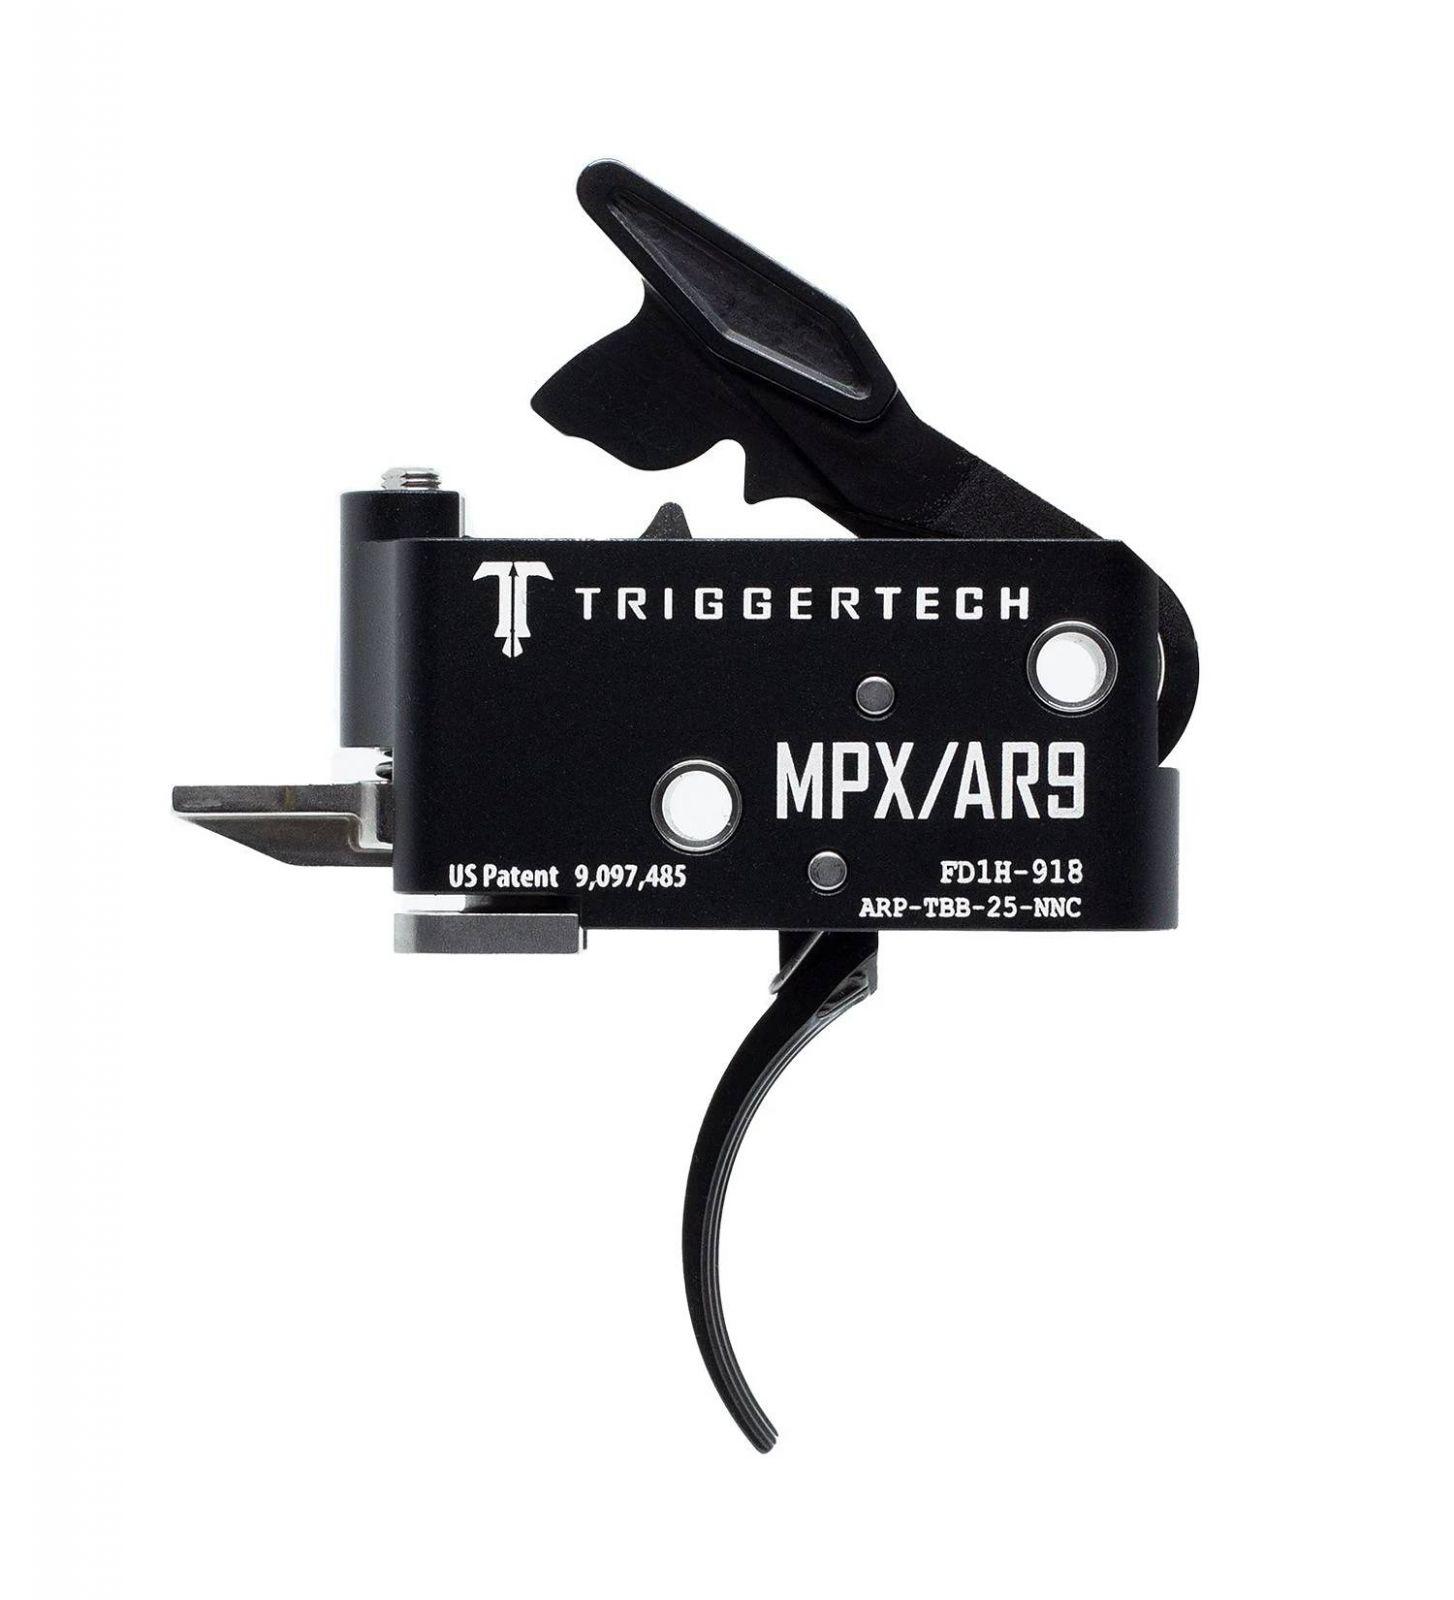 Spoušť TriggerTech SIG MPX Adaptable - zaoblená, černá